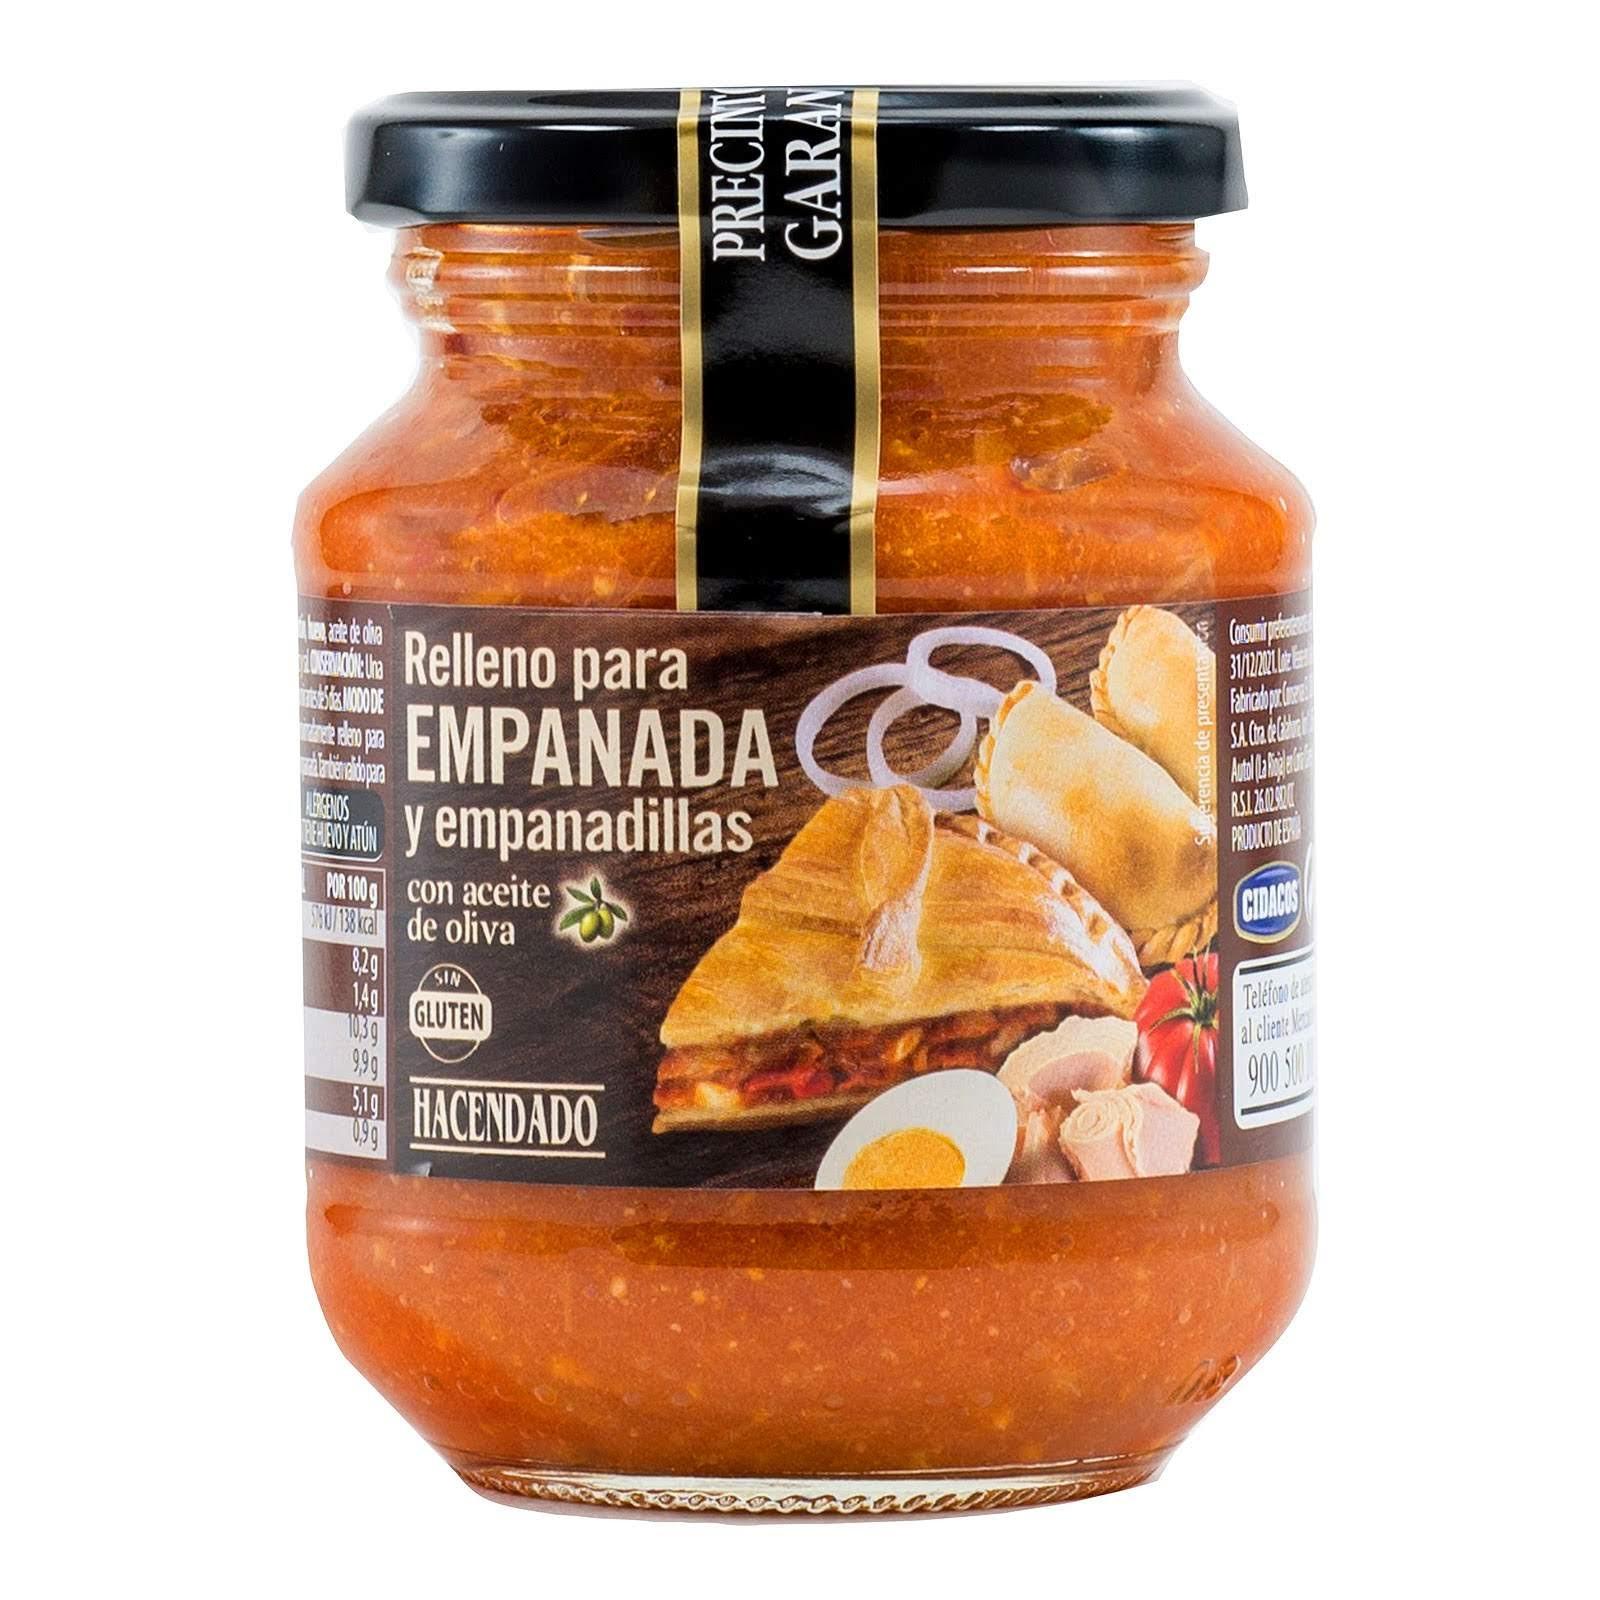 relleno-para-empanada-y-empanadillas-hacendado-mercadona-1